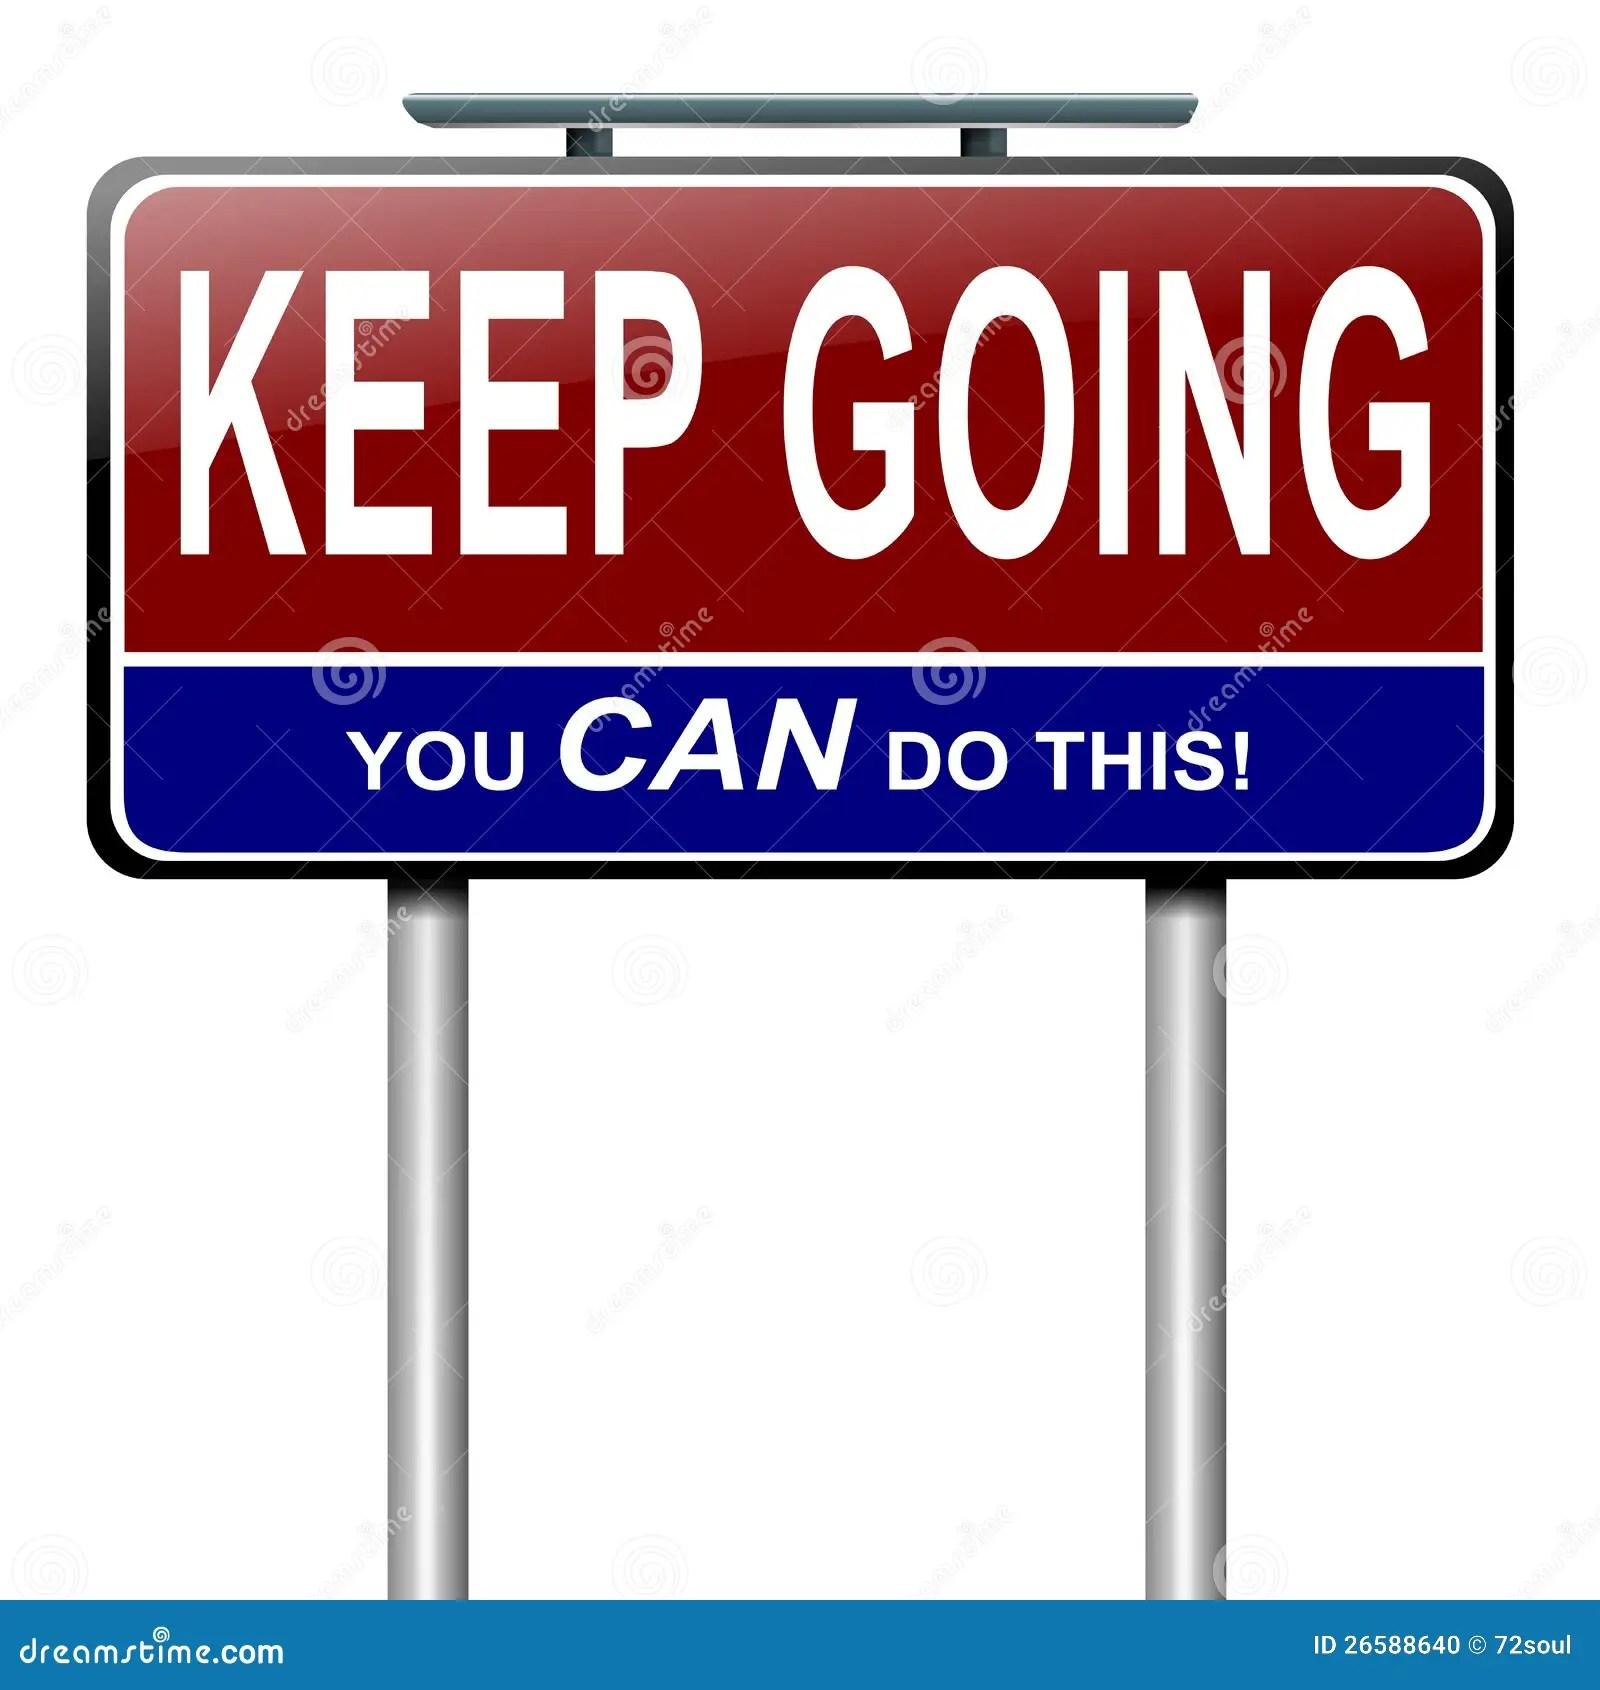 hight resolution of popular motivational message stock illustration illustration of ky94